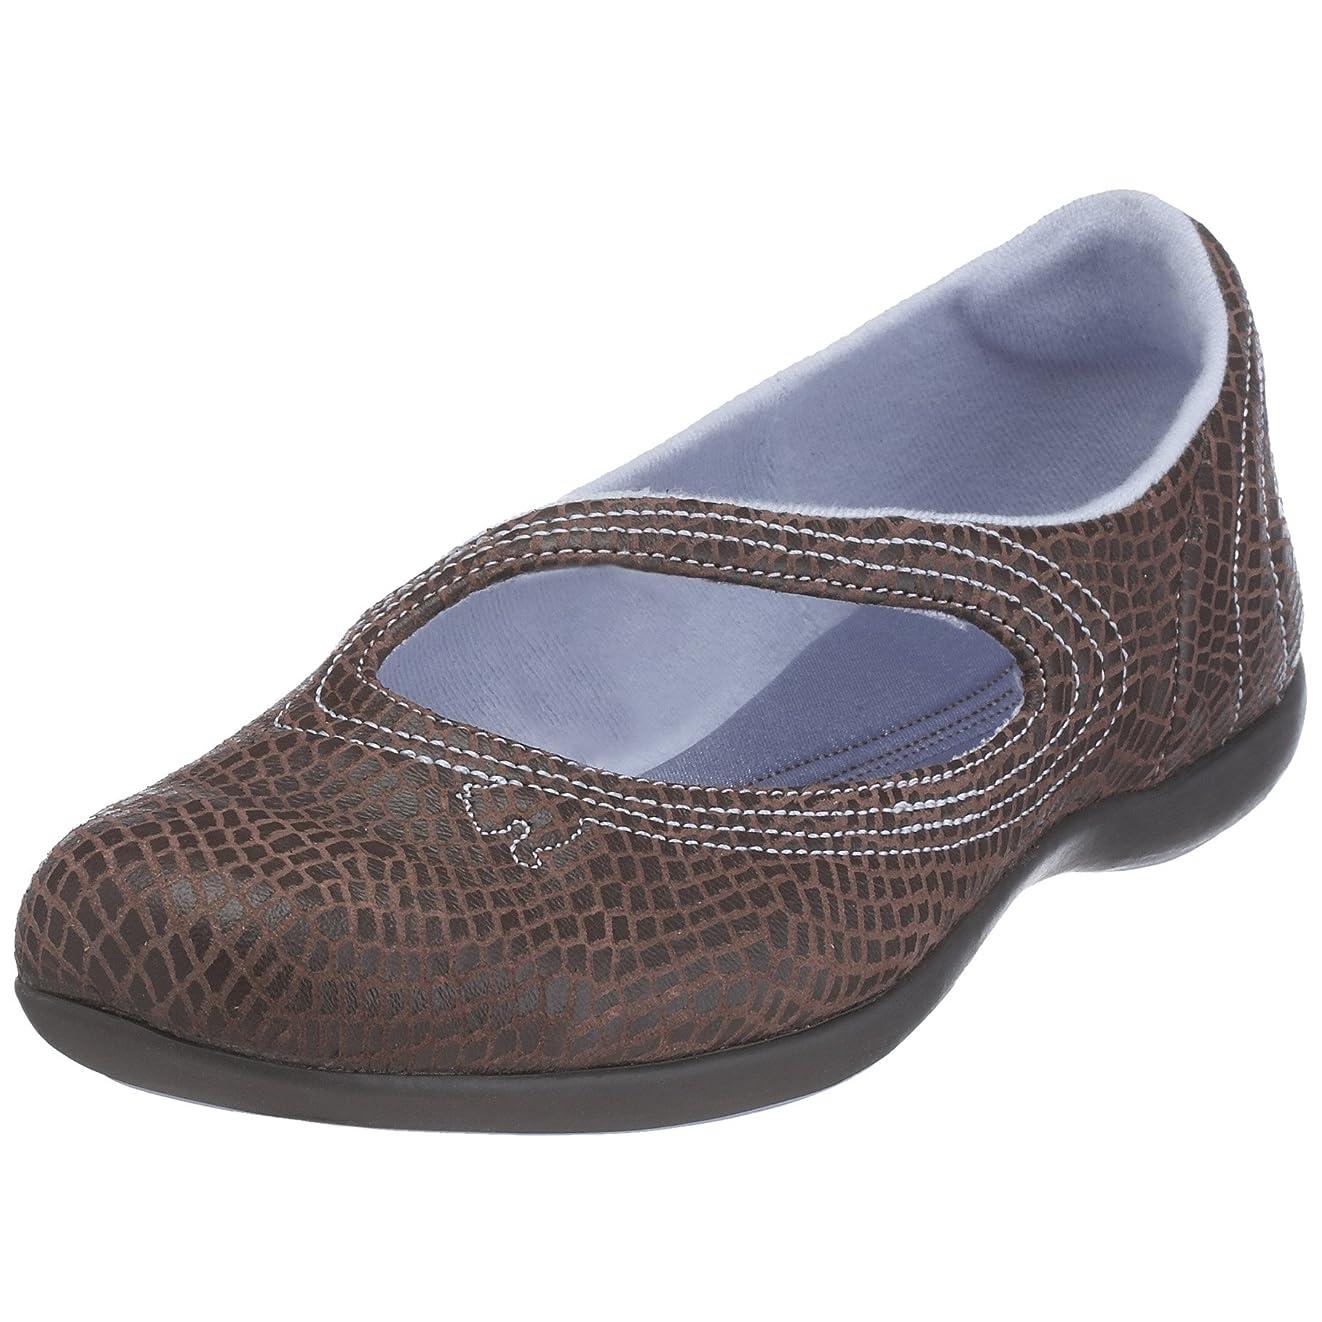 荷物伝導つらい[プーマ] Vitta Lux Womens Leather Ballet Pumps/Shoes - Brown [並行輸入品]